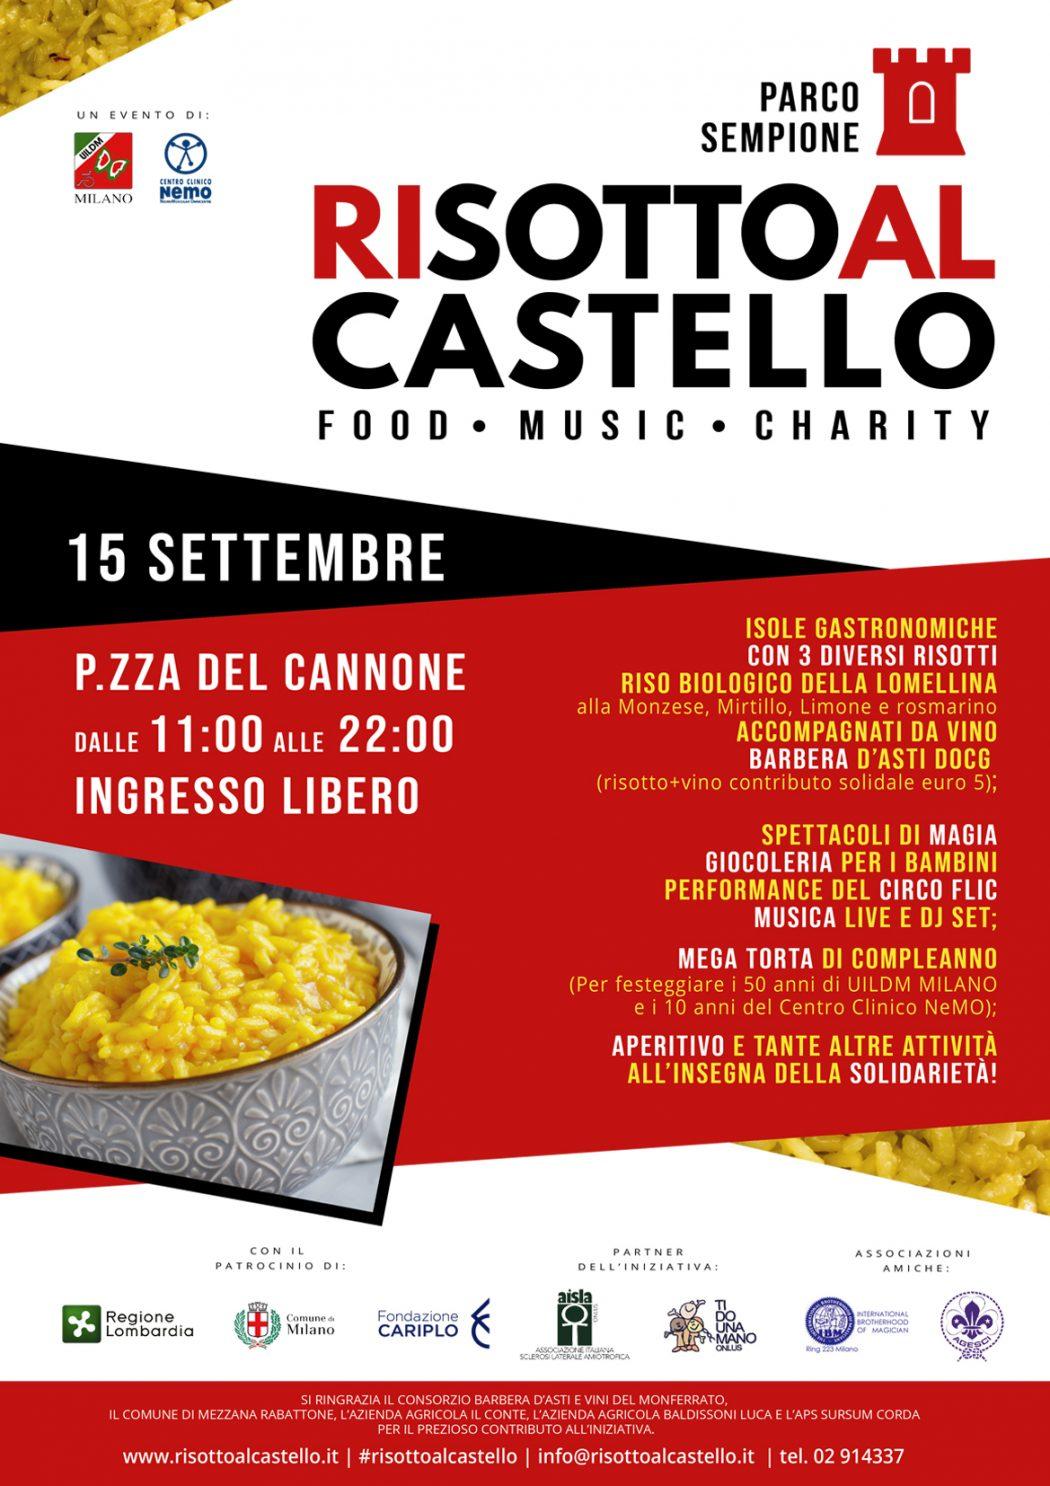 risottoalcastello-sempione-sforzesco-risotti-food-music-charity-event-milano-barbera-piazza-cannone-milanodabere-milanoeventi-sla-sma-centro-nemo-milano